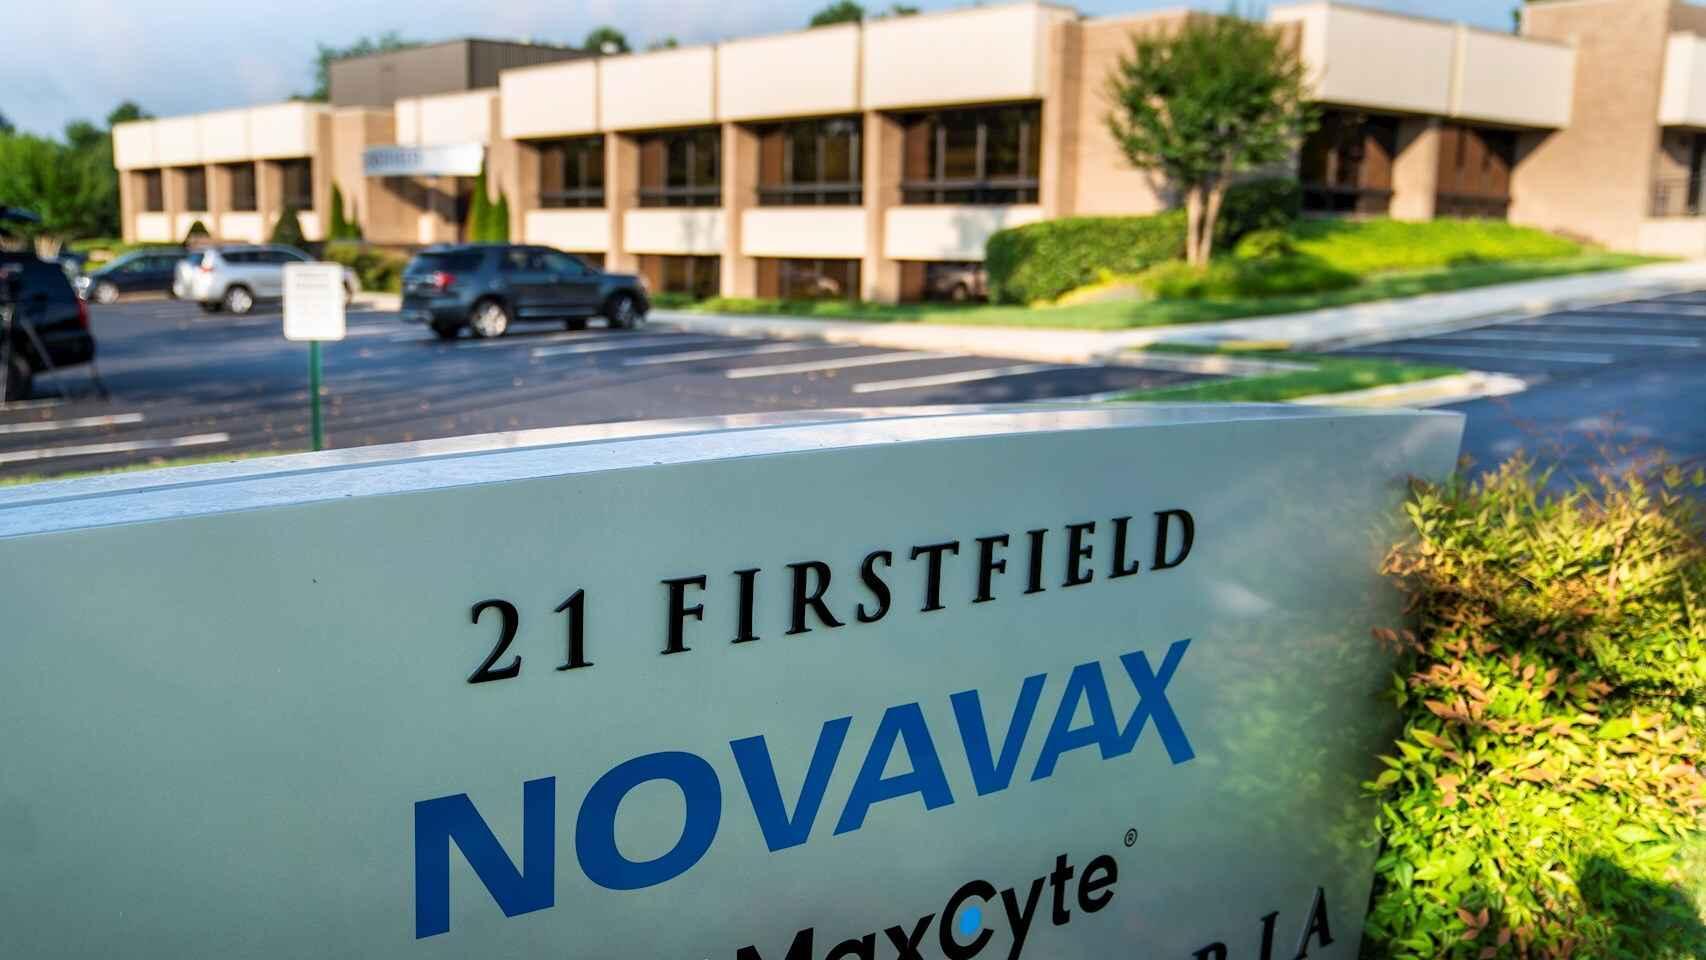 La sede estadounidense de Novavax. EFE/EPA/JIM LO SCALZO